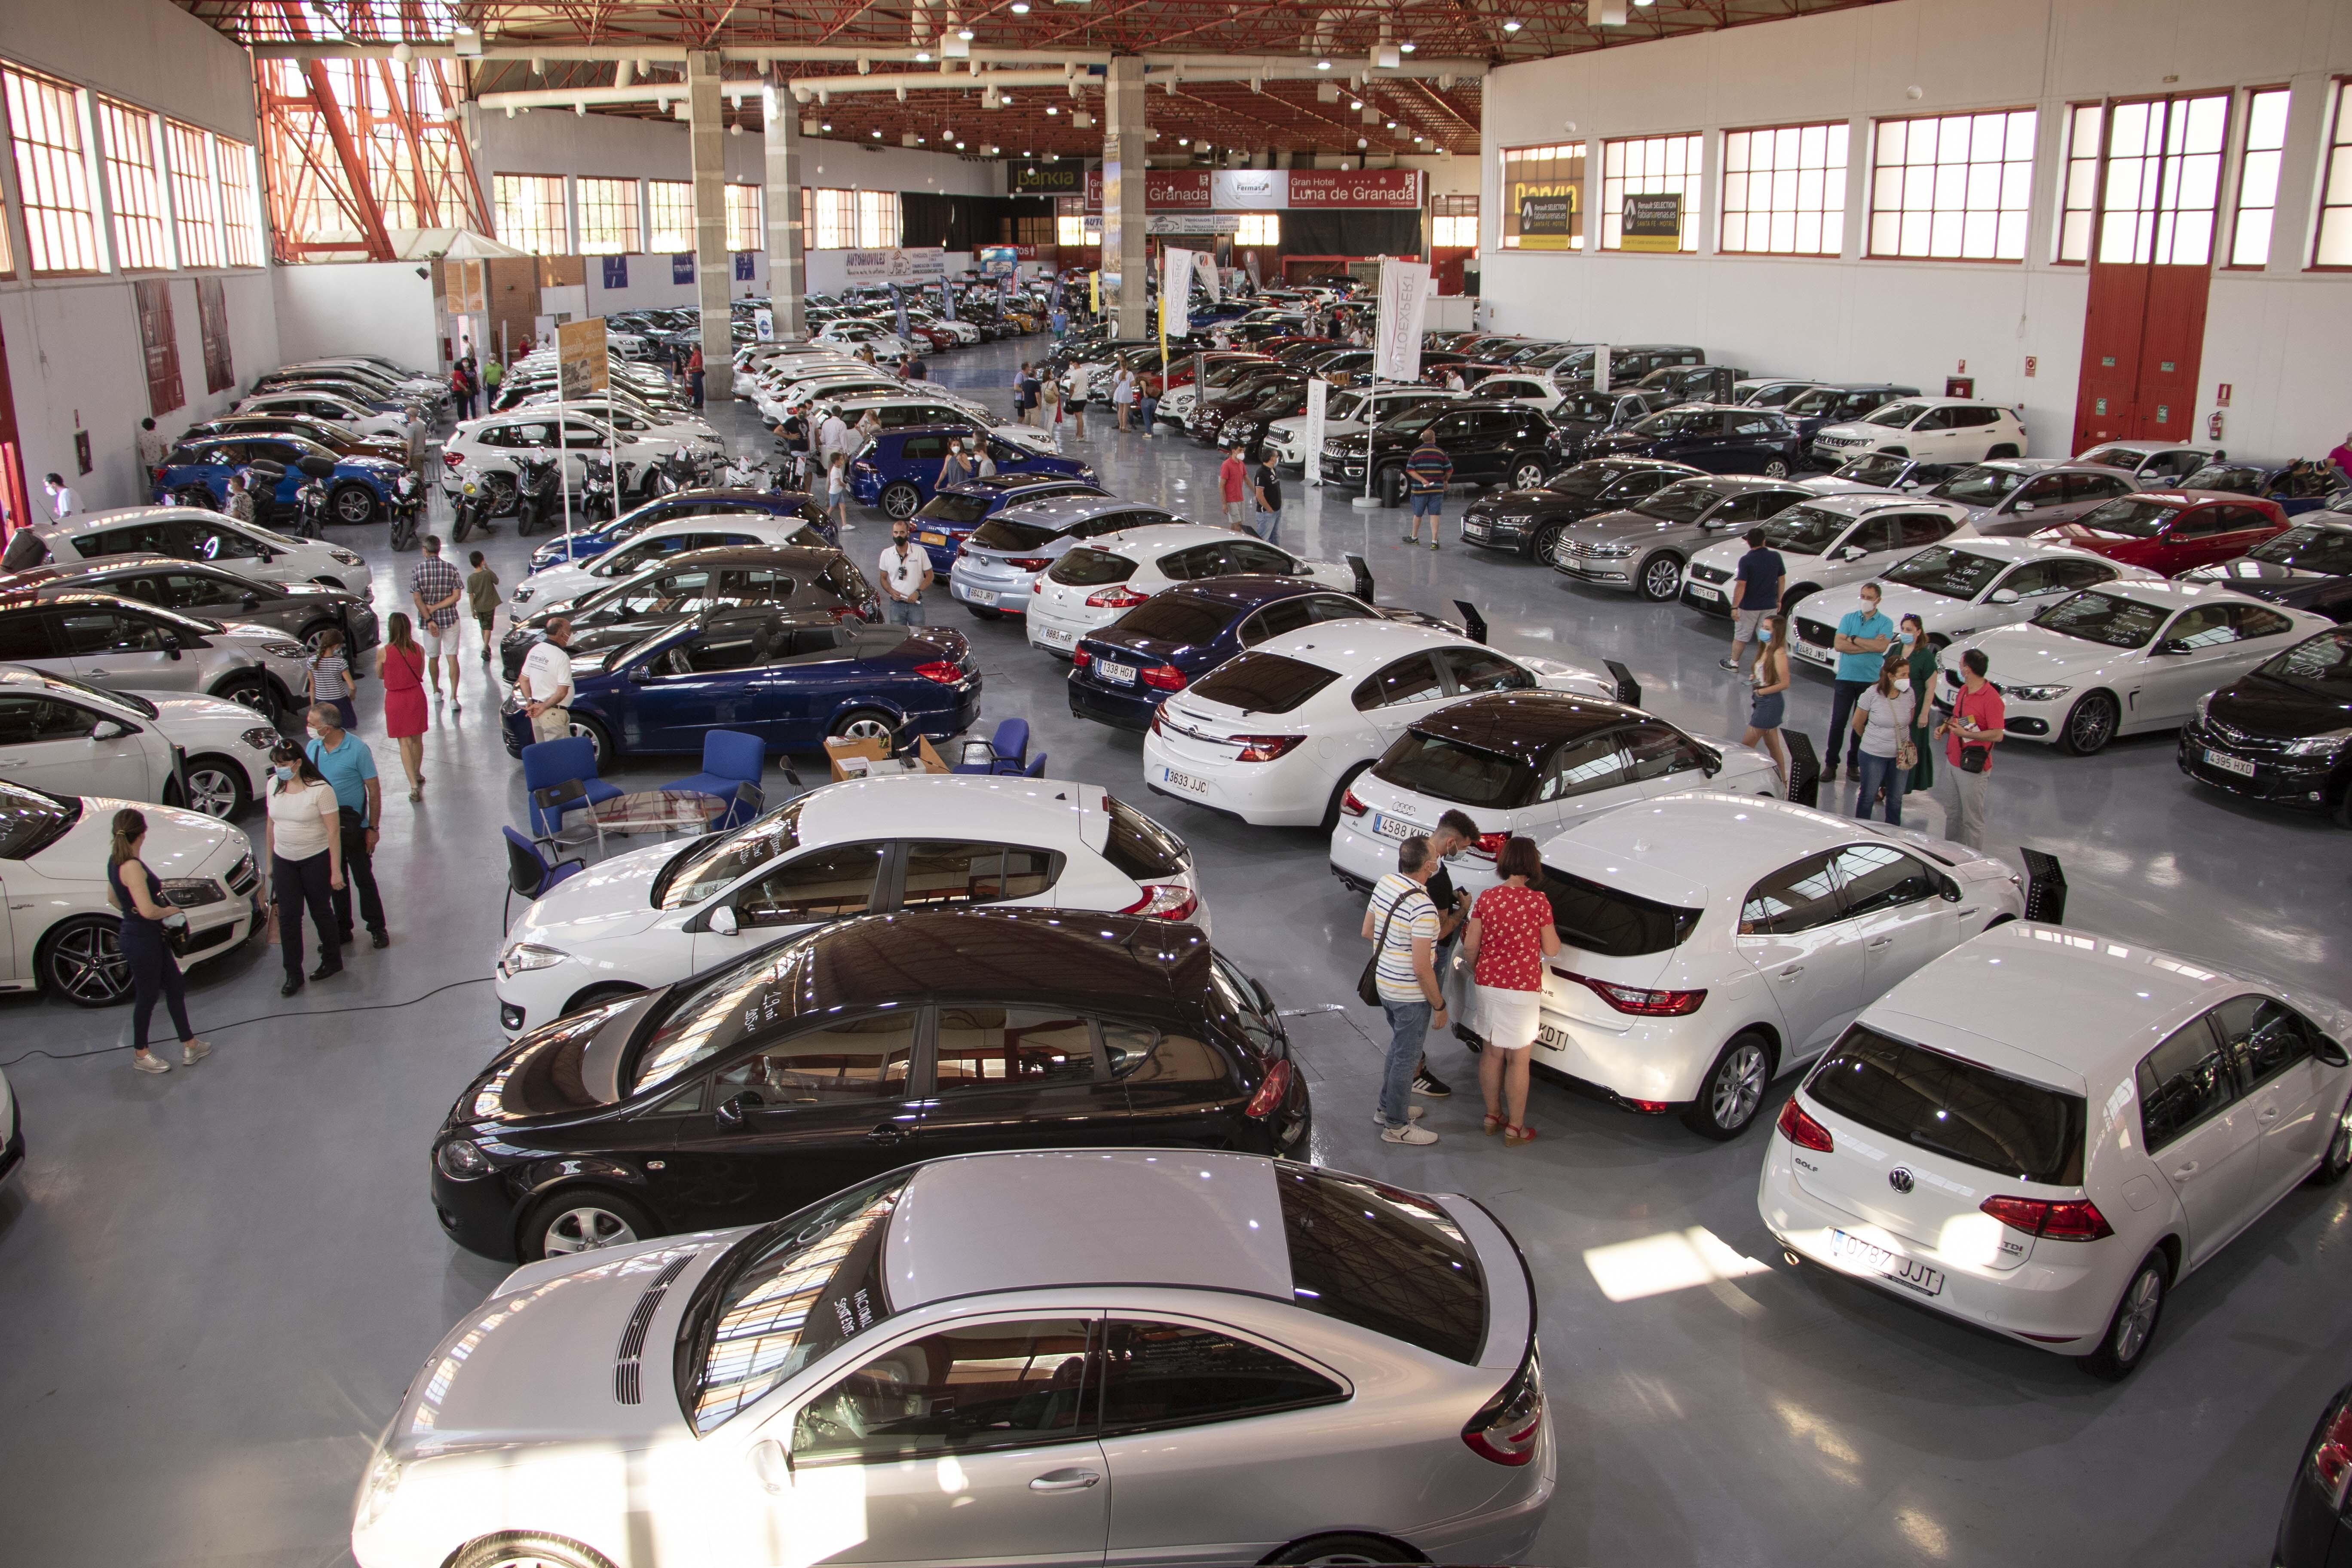 Más de 1.200 vehículos de ocasión se ponen a la venta en Fermasa este fin de semana